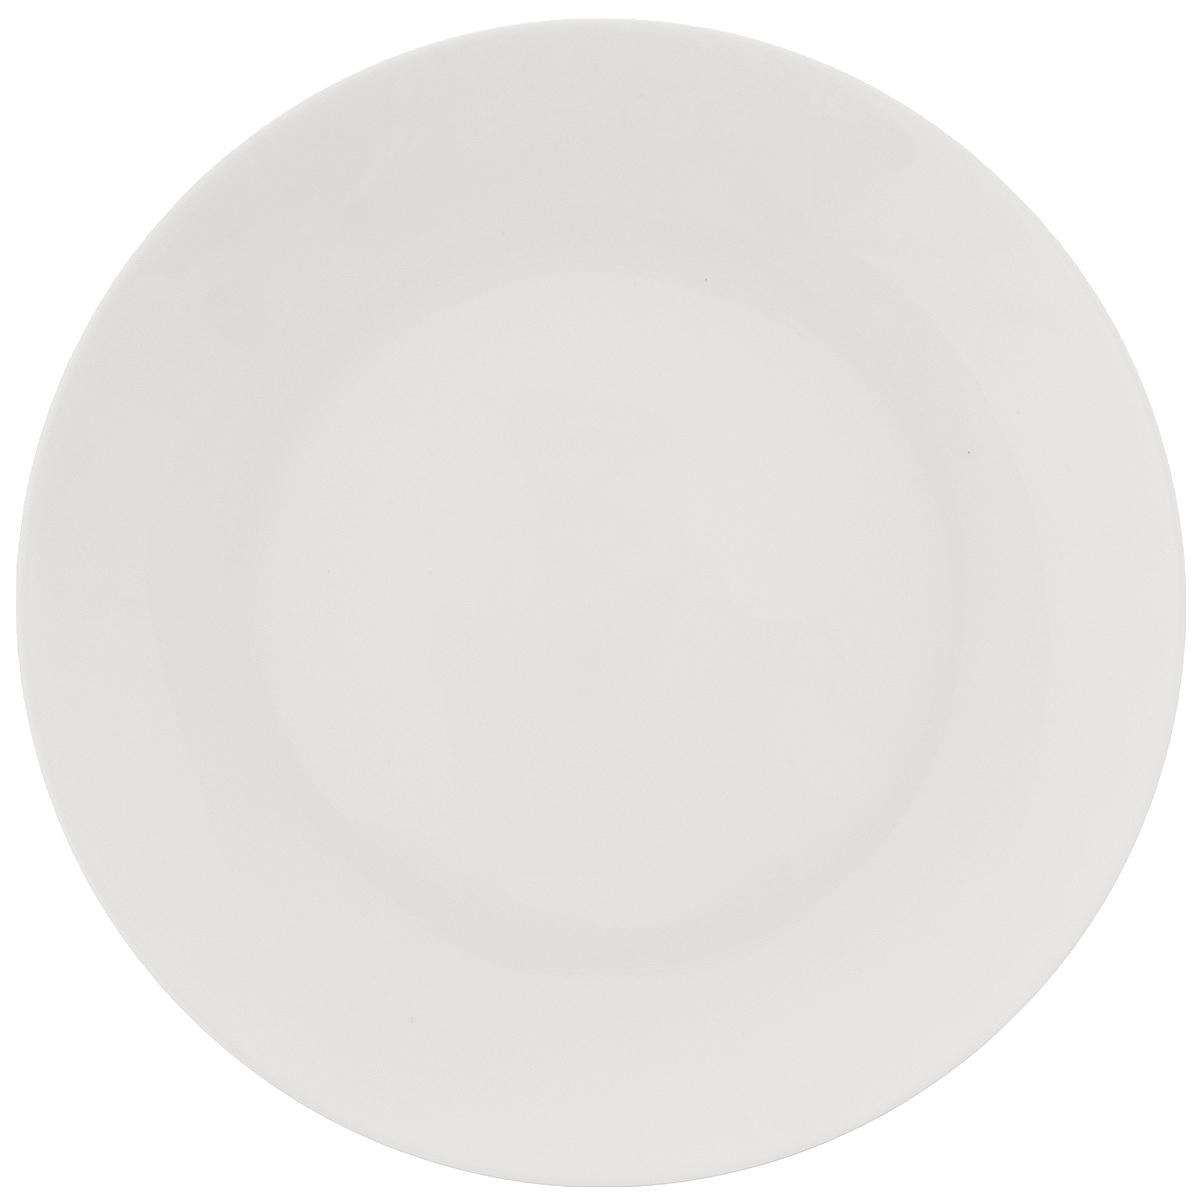 Тарелка Wilmax, диаметр 18 см. WL-991246WL-991246Тарелка Wilmax, изготовленная из высококачественного фарфора, имеет классическую круглую форму. Она прекрасно впишется в интерьер вашей кухни и станет достойным дополнением к кухонному инвентарю. Тарелка Wilmax подчеркнет прекрасный вкус хозяйки и станет отличным подарком. Можно мыть в посудомоечной машине и использовать в микроволновой печи. Диаметр тарелки (по верхнему краю): 18 см.